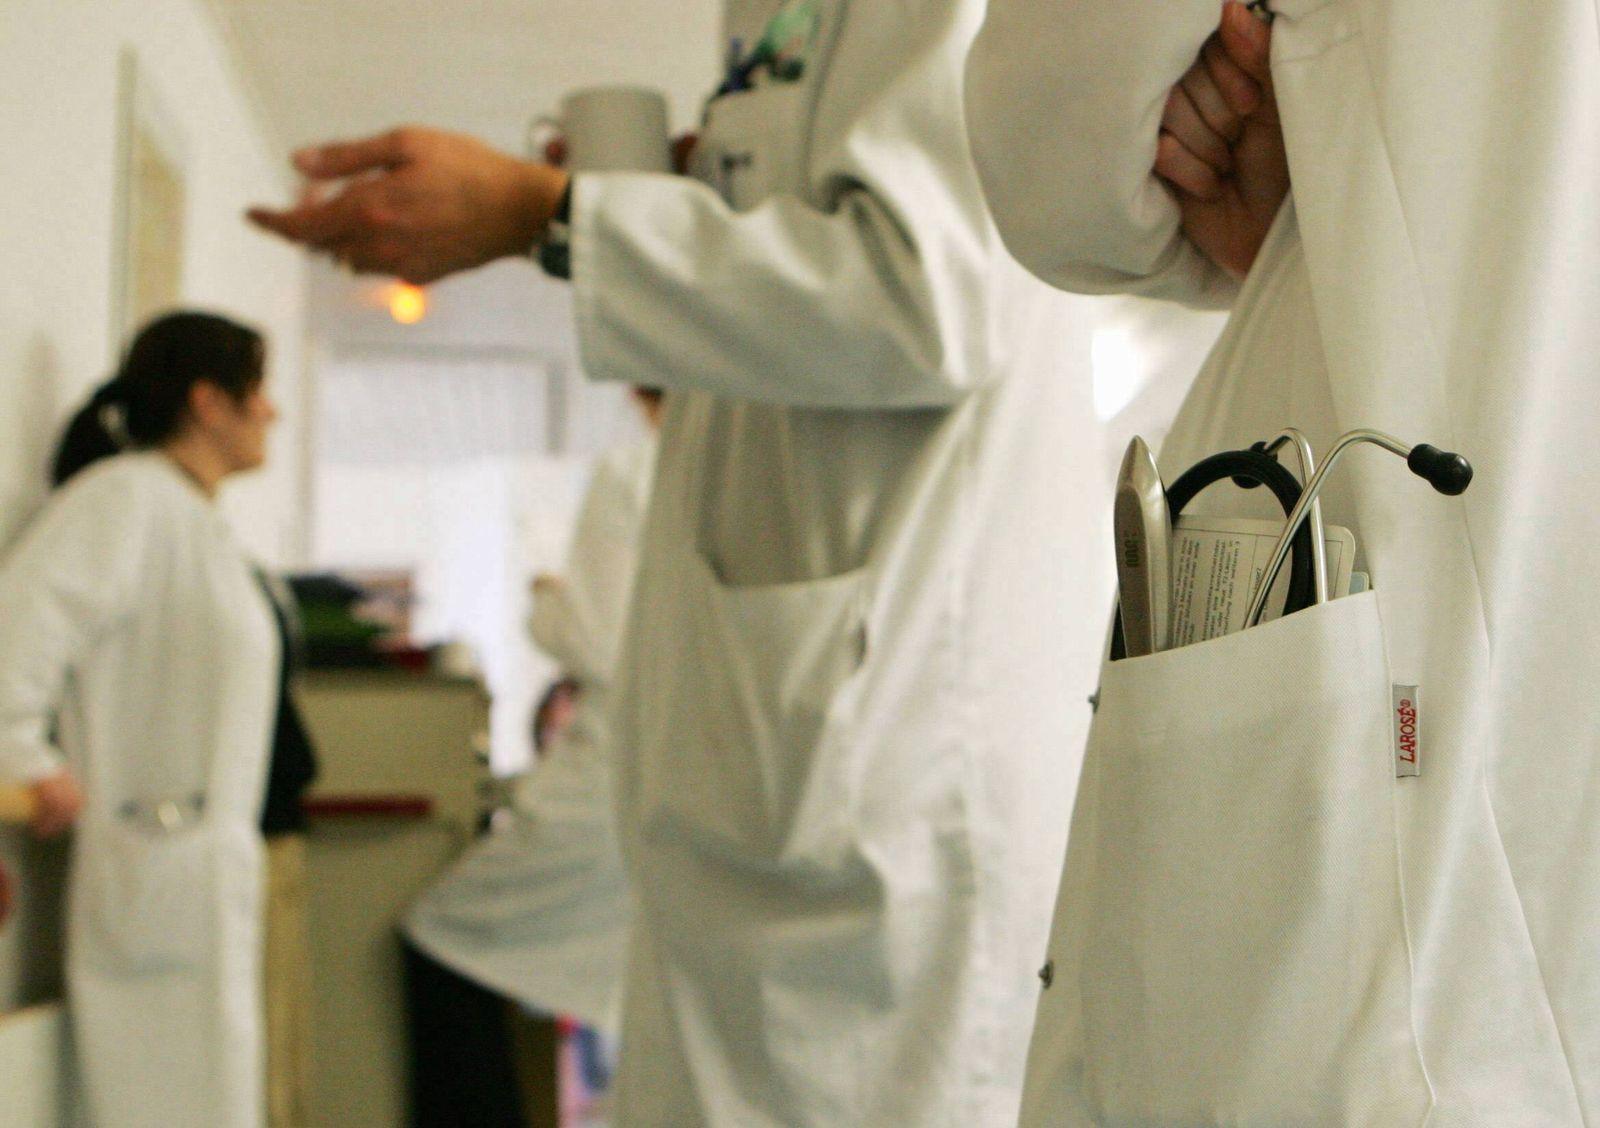 NICHT VERWENDEN arzt mediziner